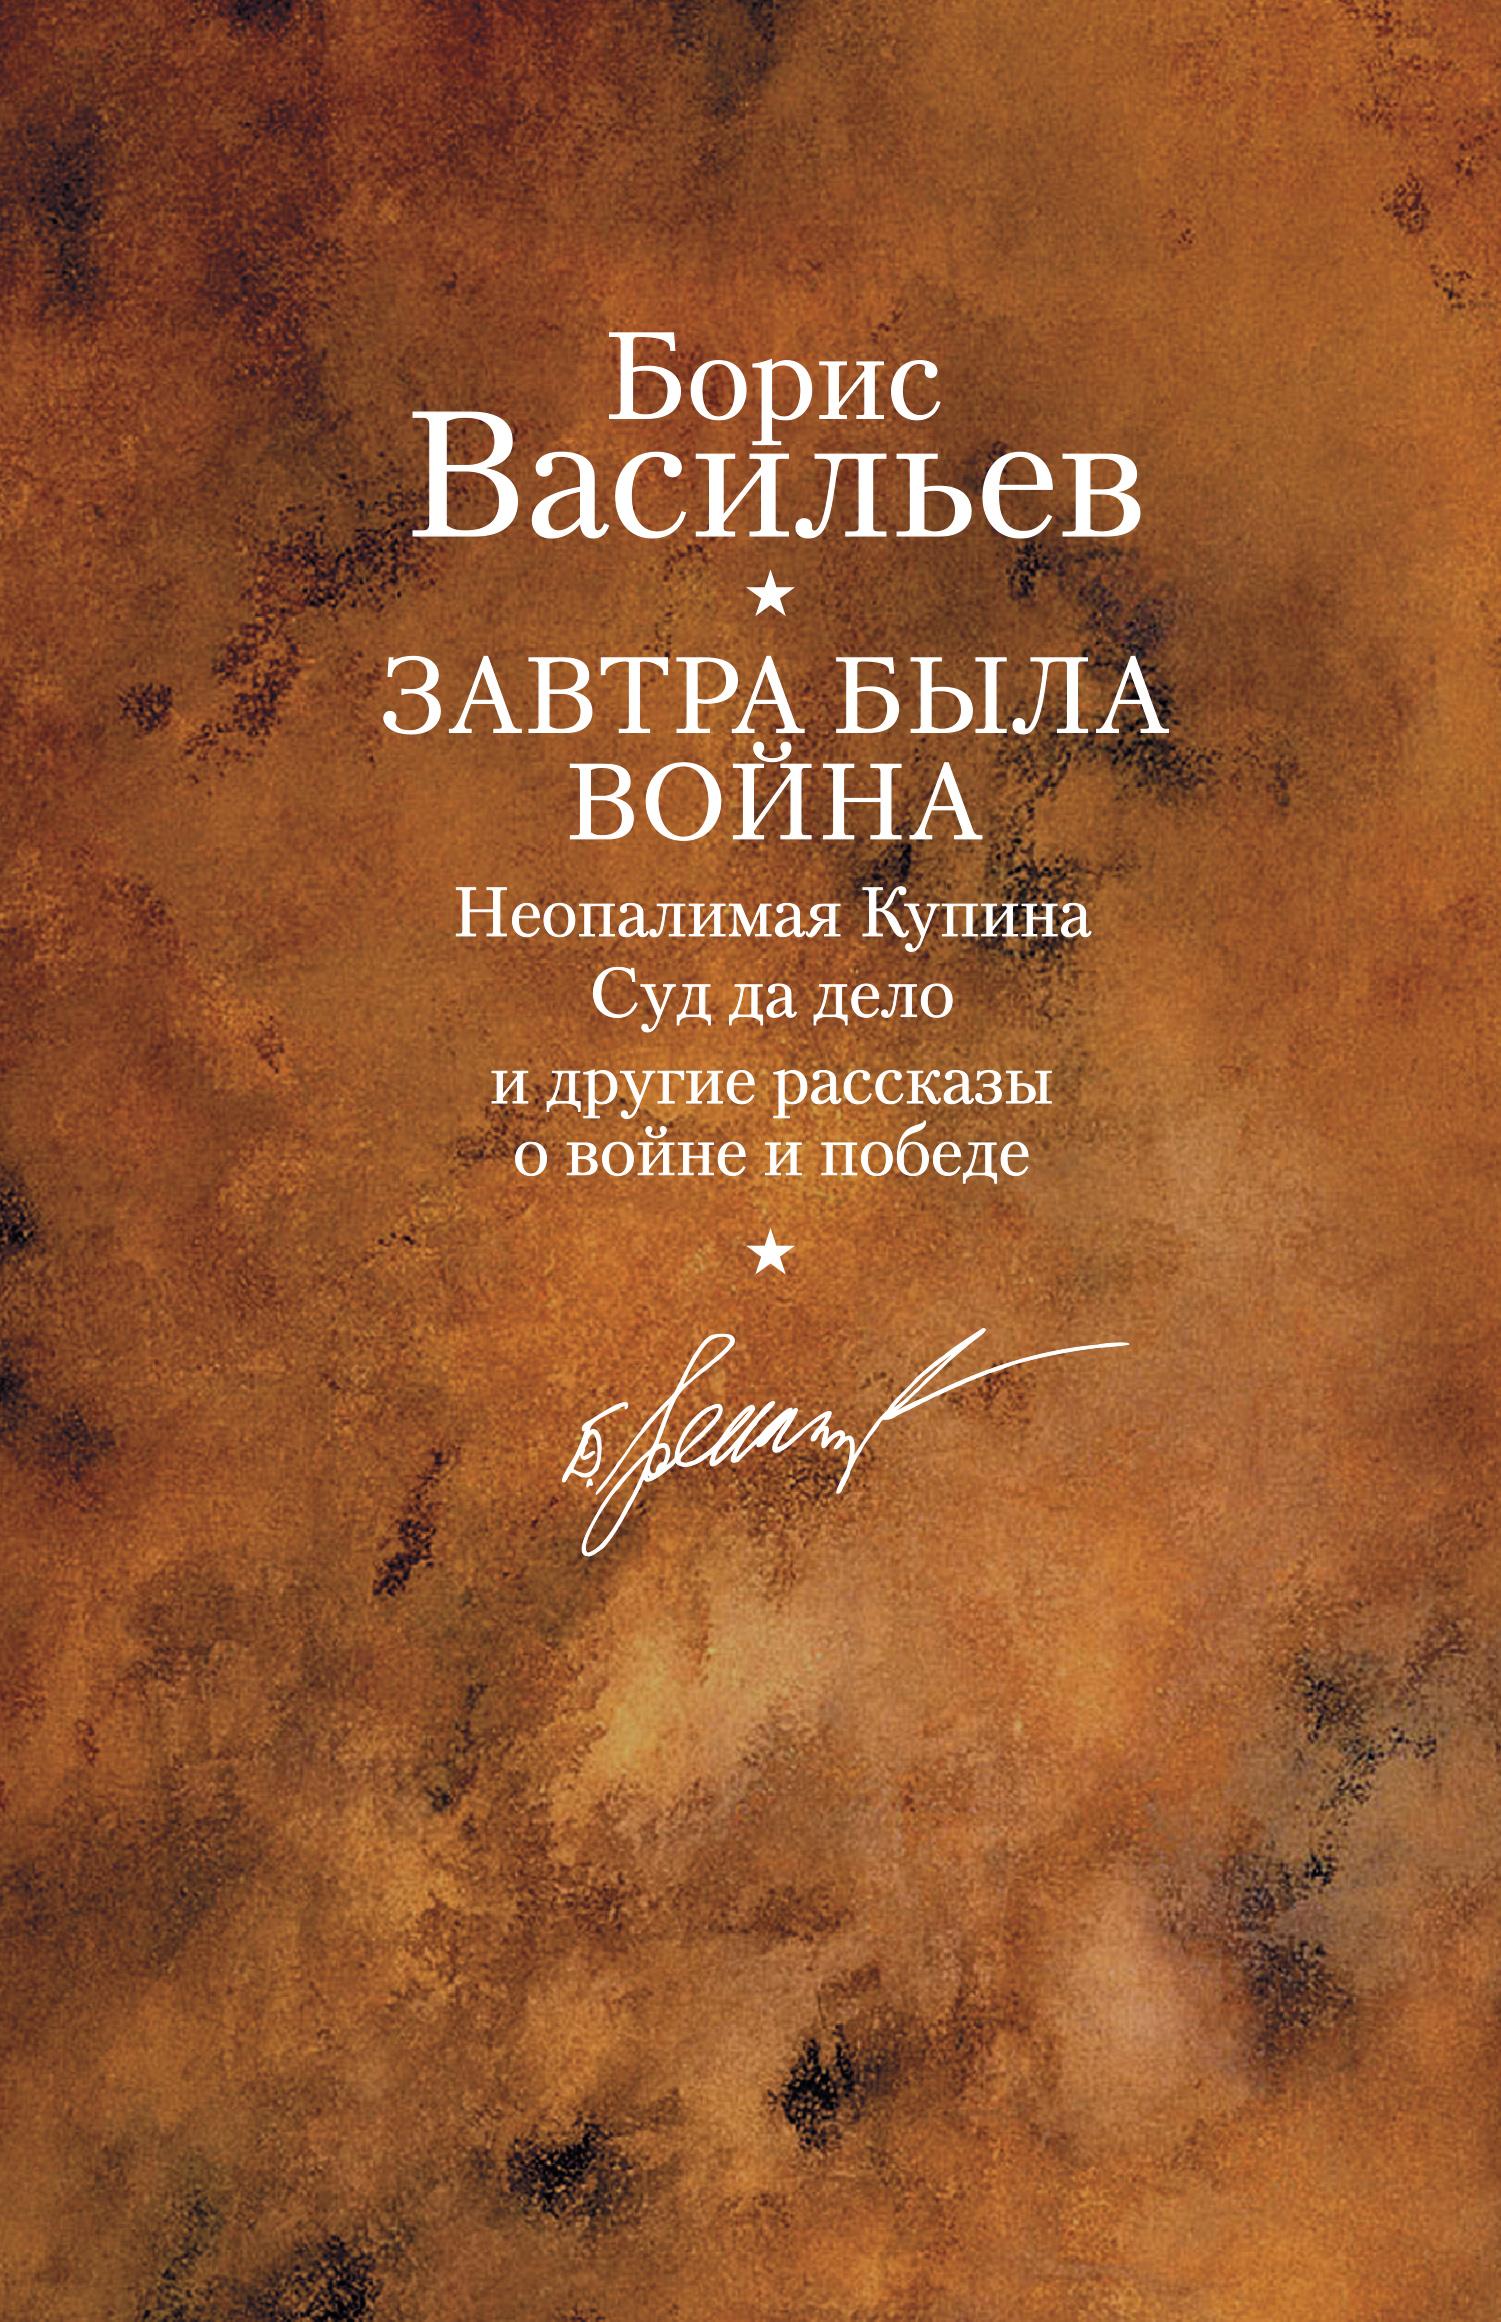 все цены на Борис Васильев Победители